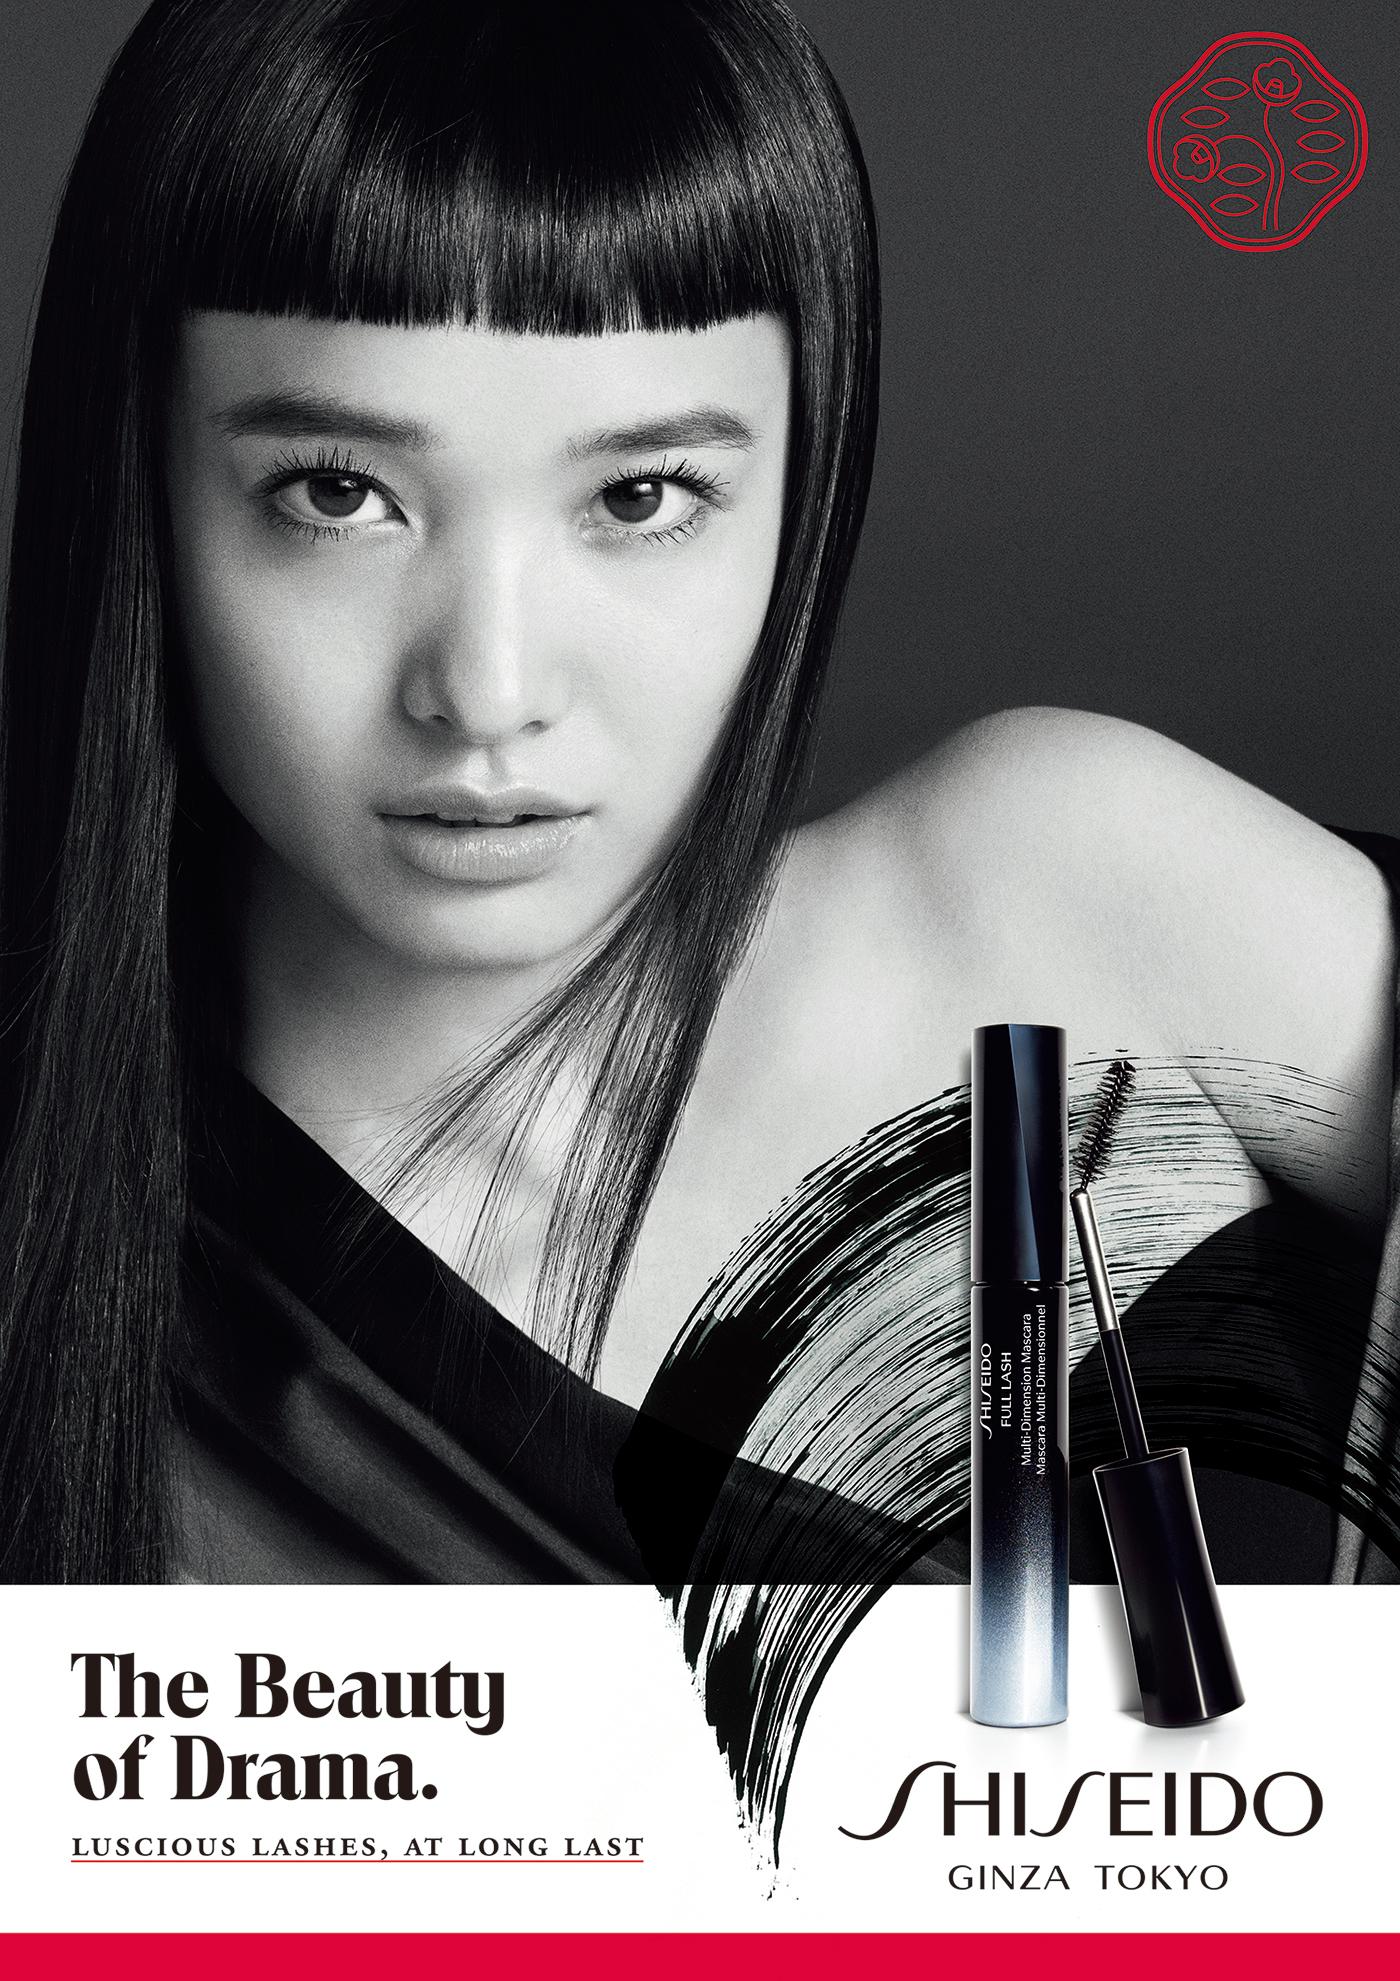 shiseido global